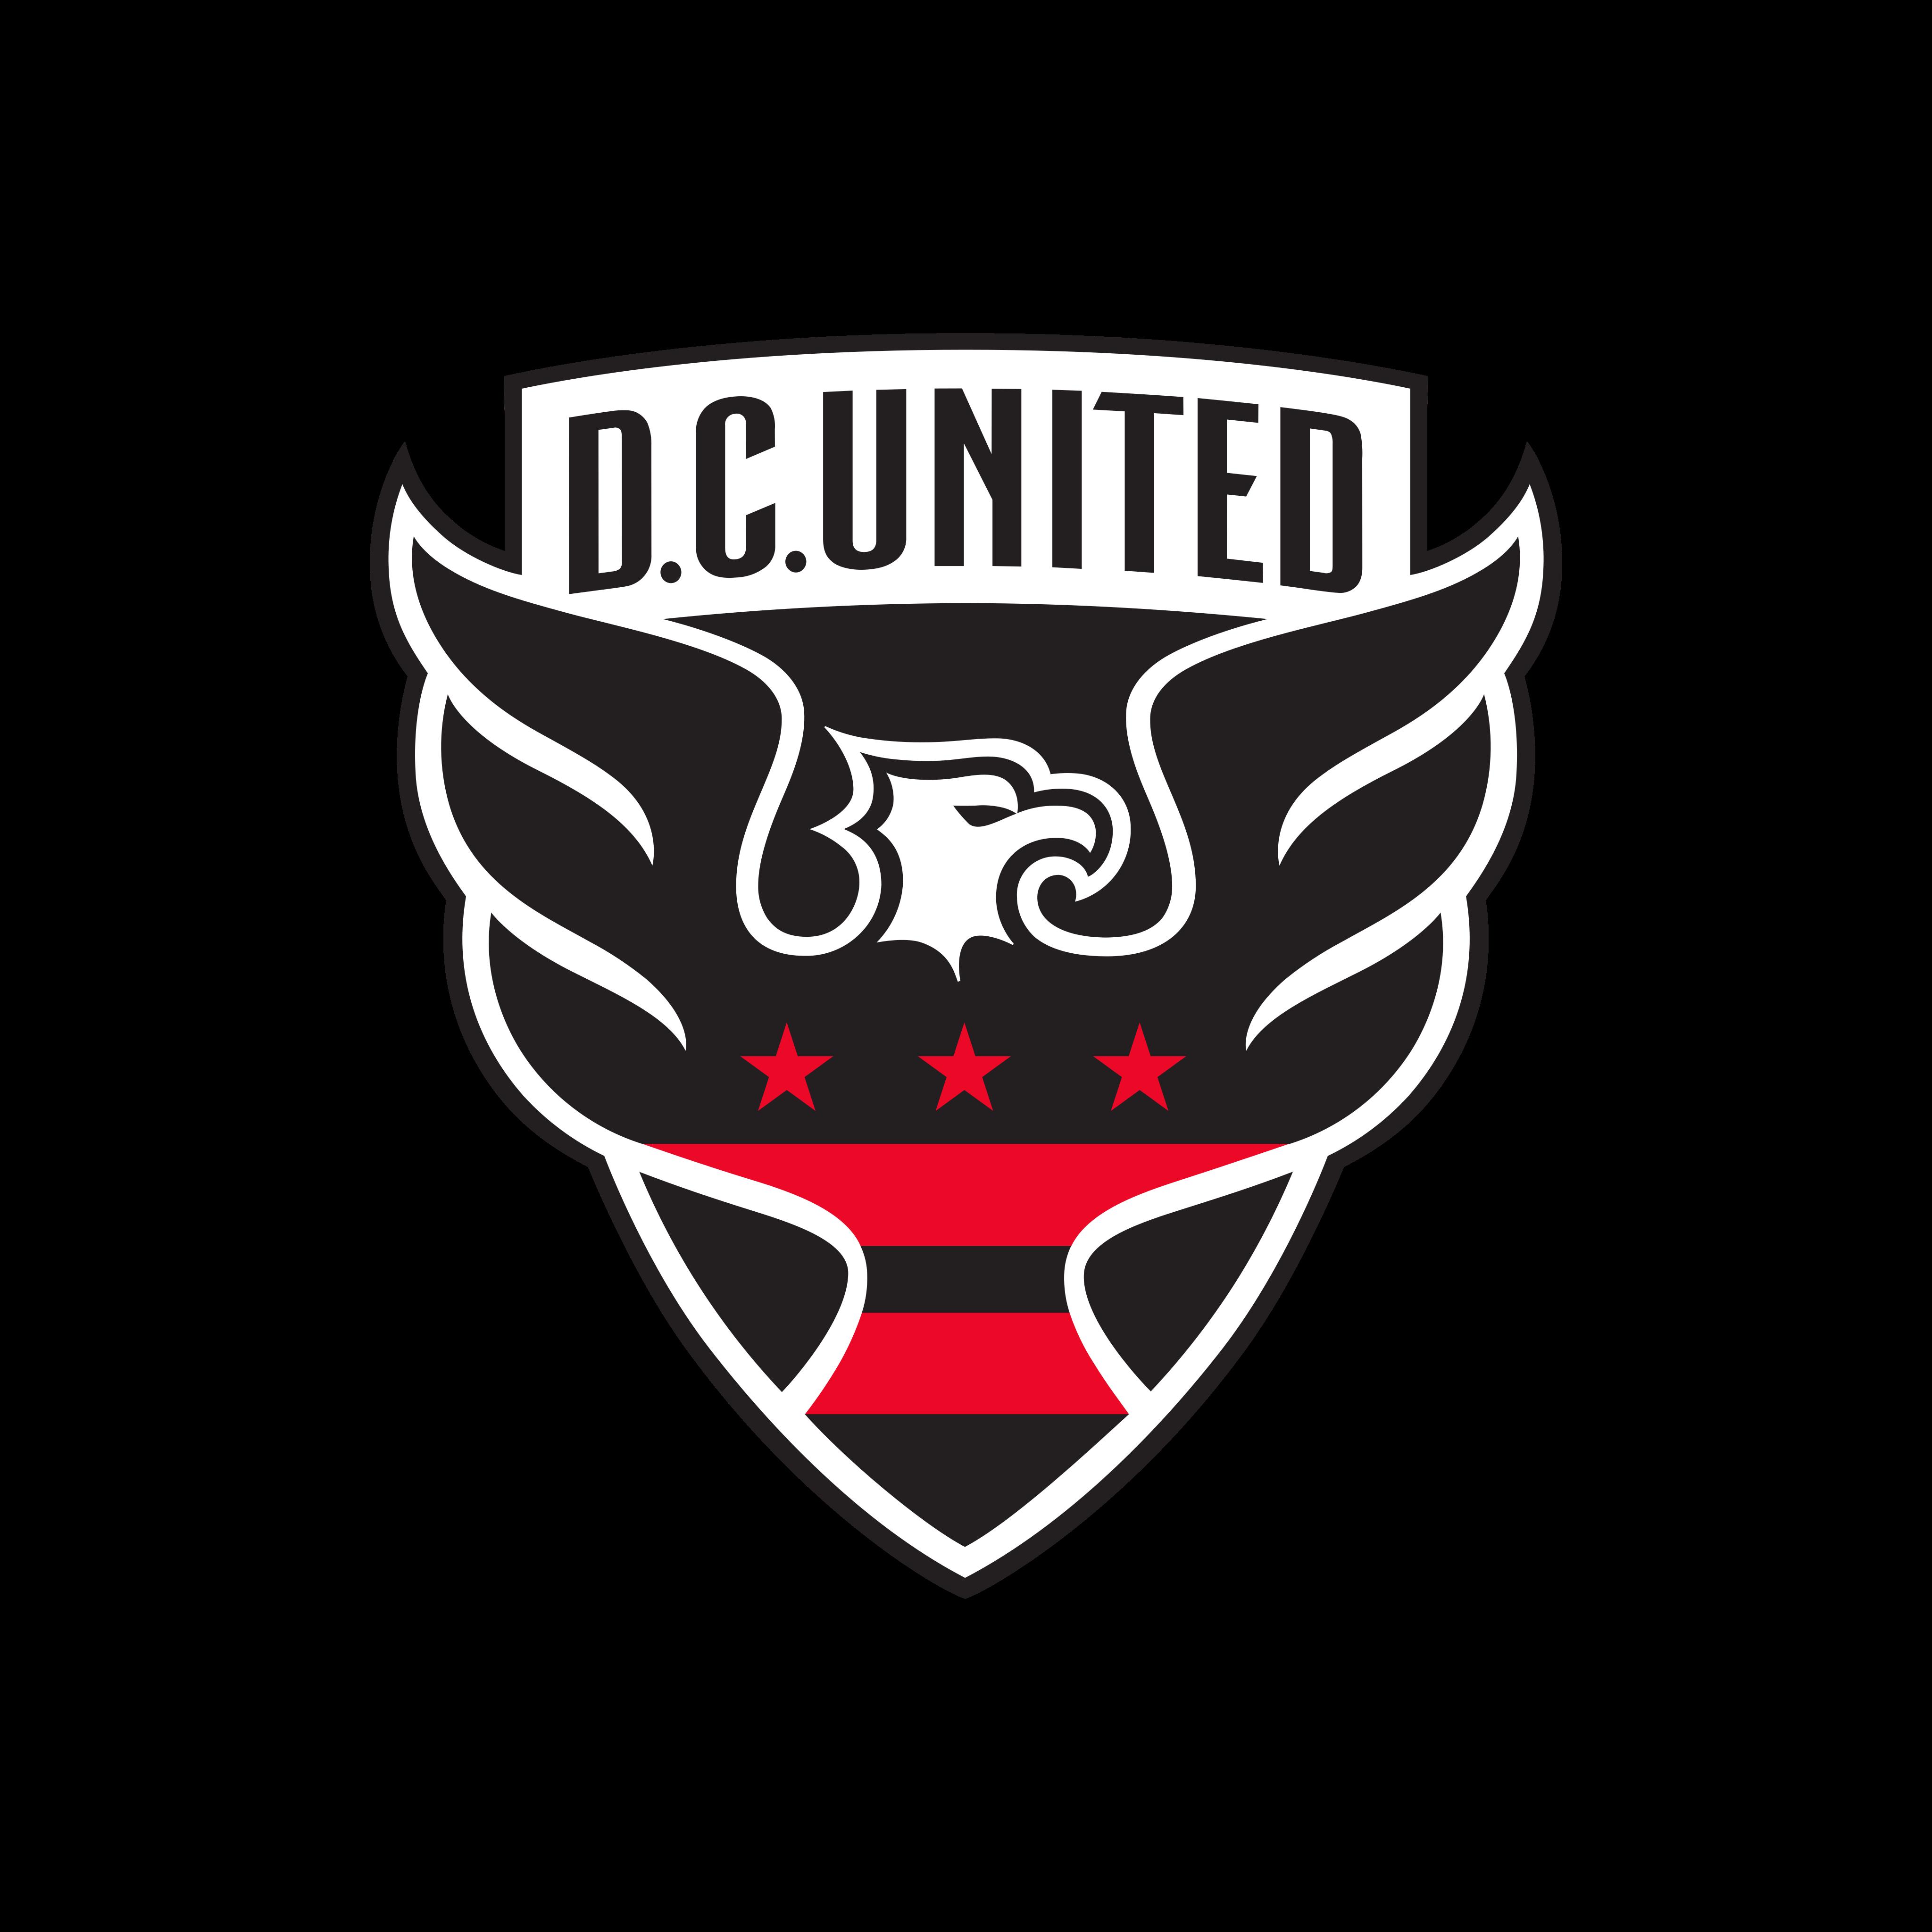 dc united logo 0 - D.C. United Logo